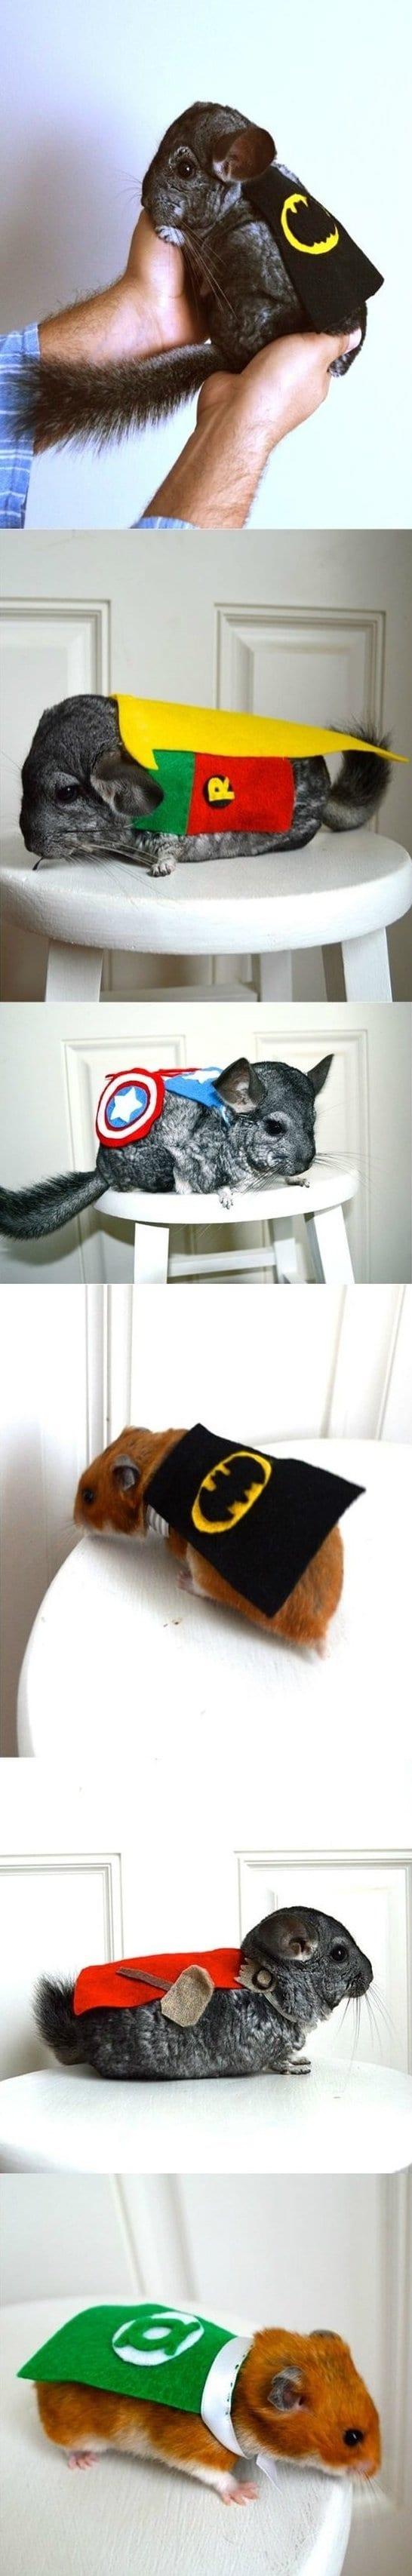 joke-2014-chinchillas-dressed-as-superheroes